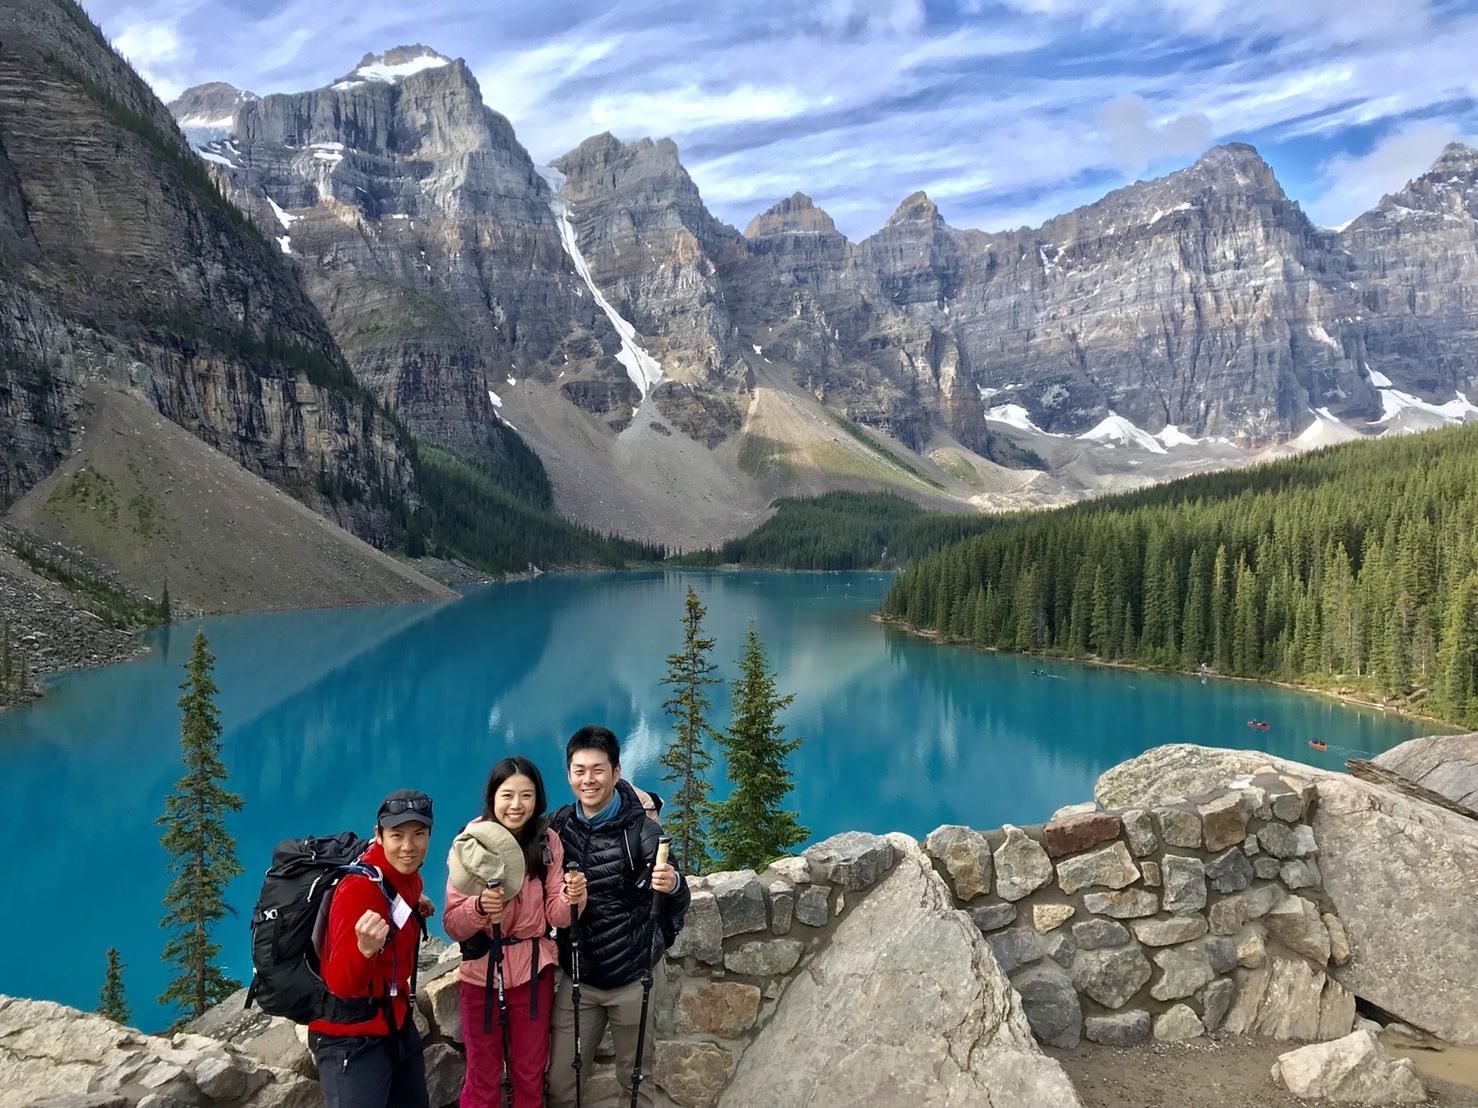 カナダならではの湖と3,000mの山々を求めて_d0112928_11491089.jpg